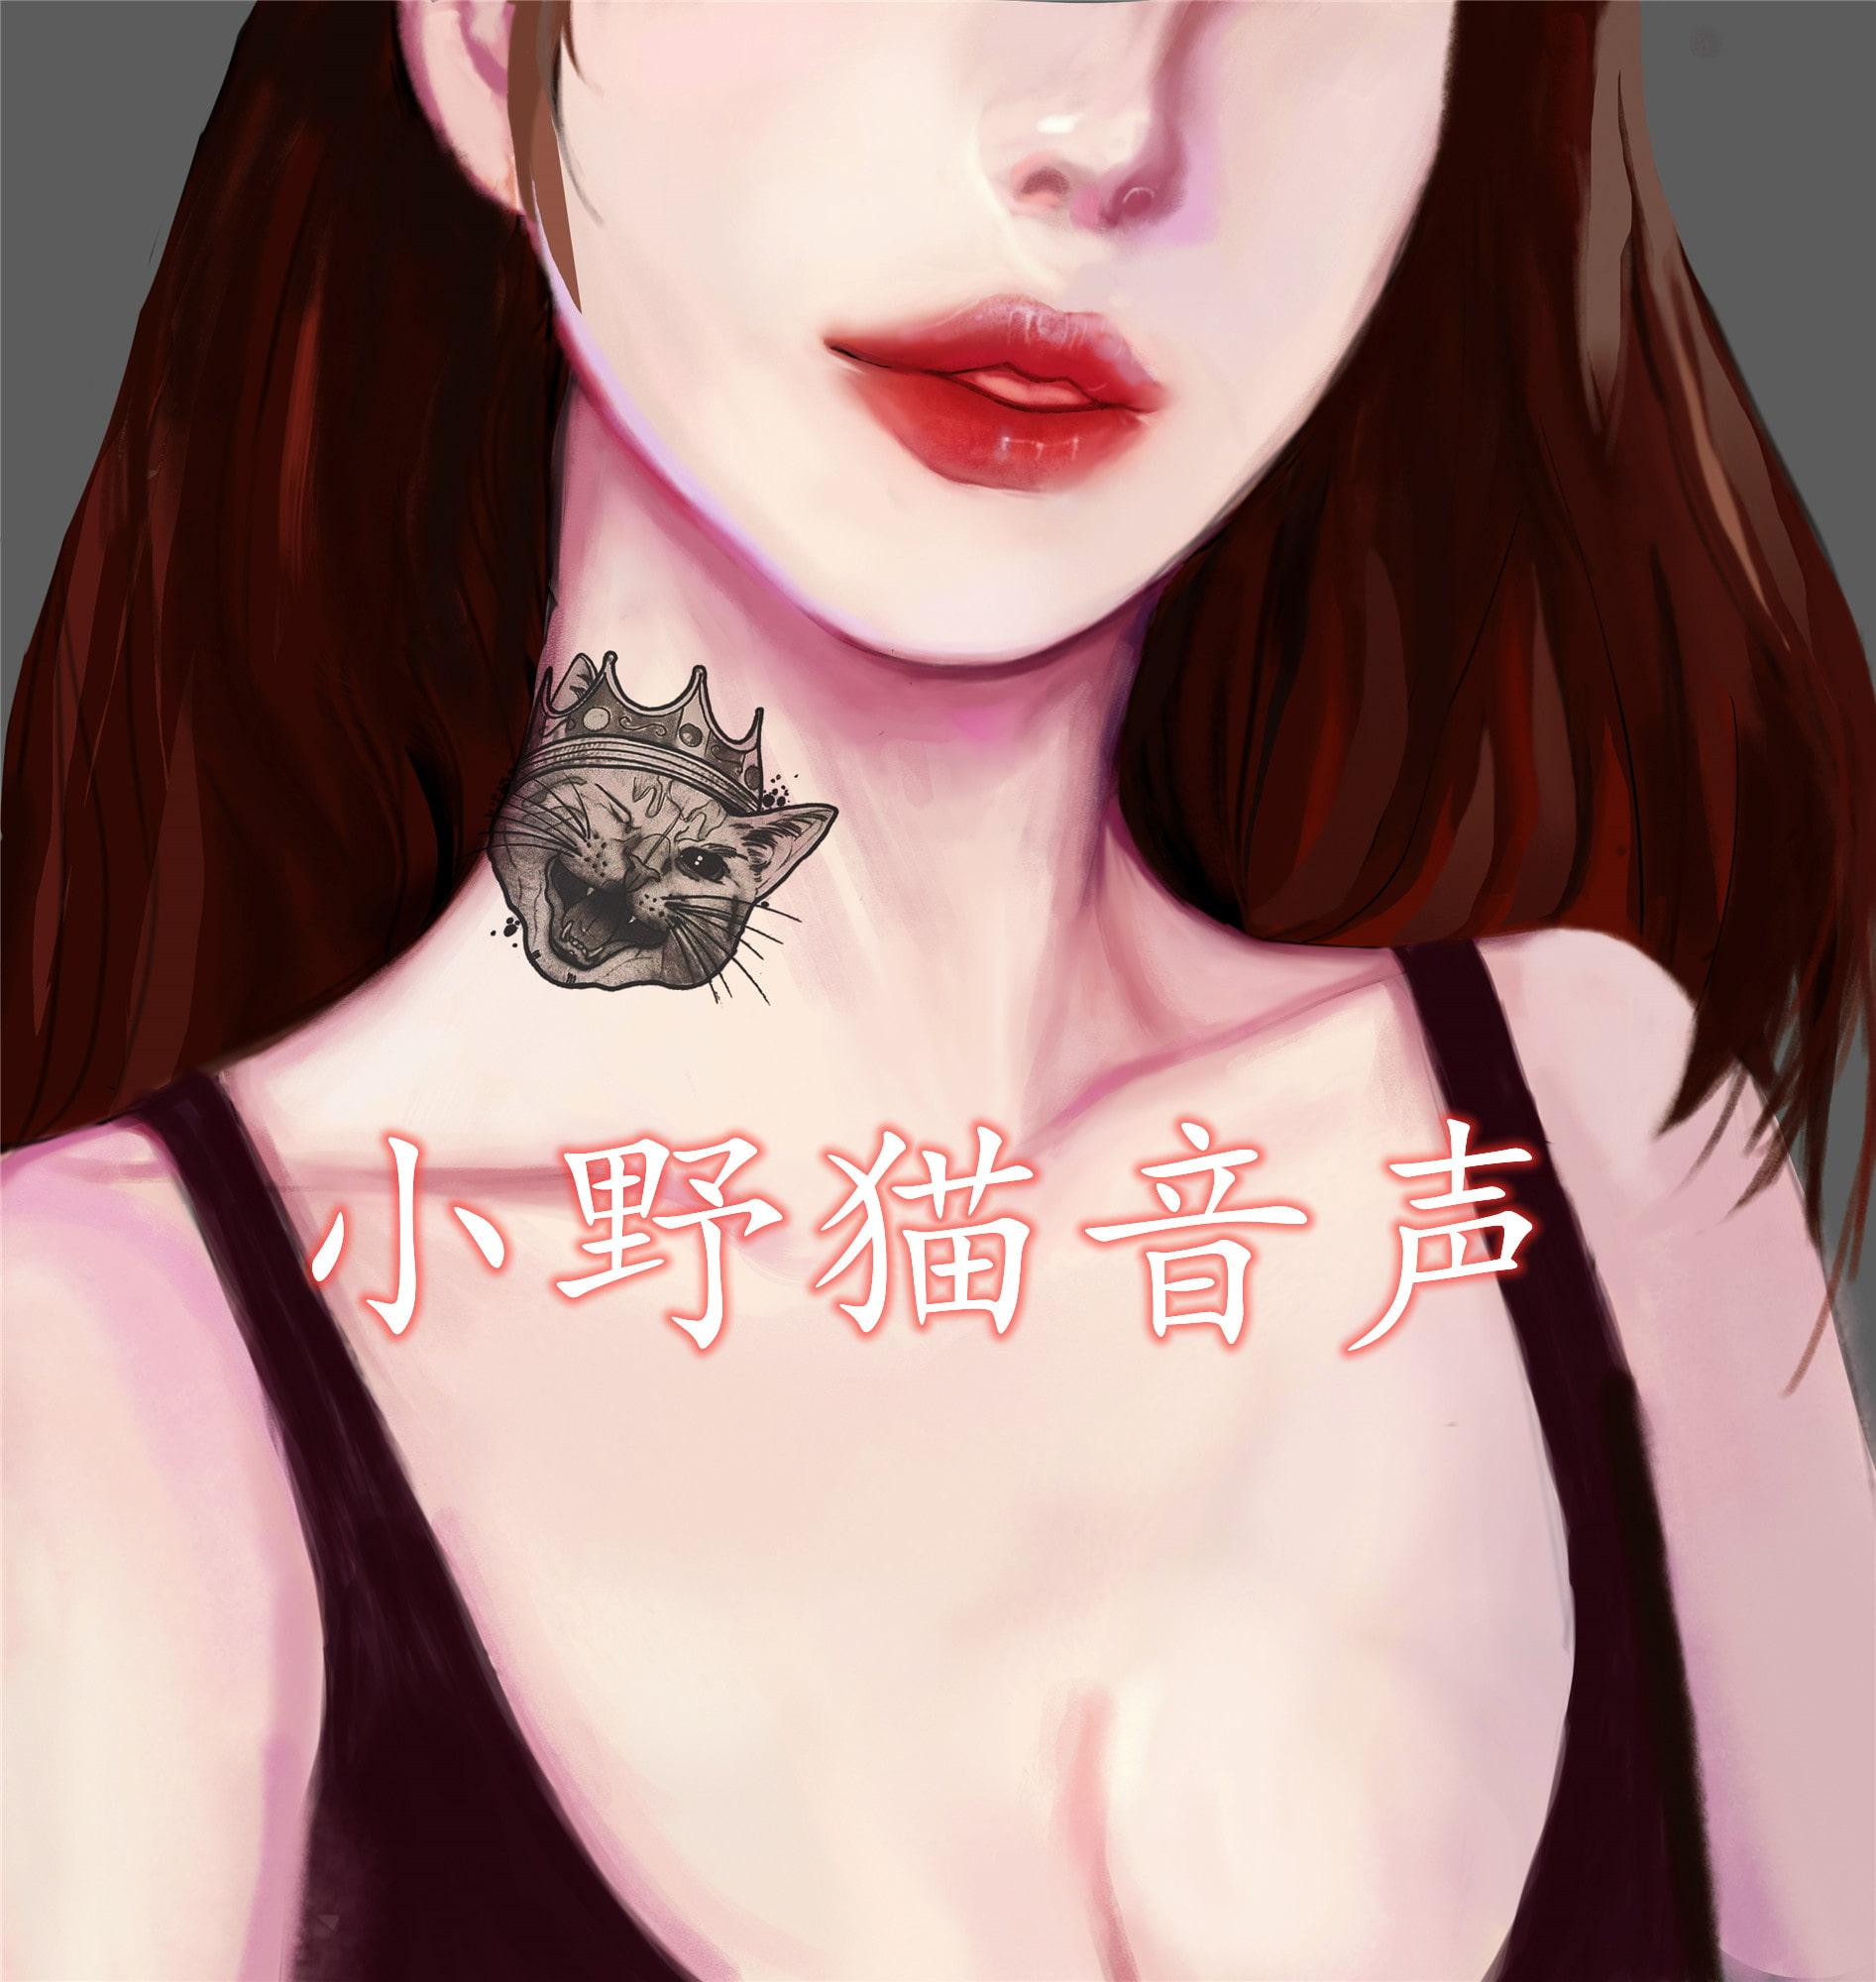 RJ331978 小野猫音声 房东人妻 CV嫣然 [20210617]